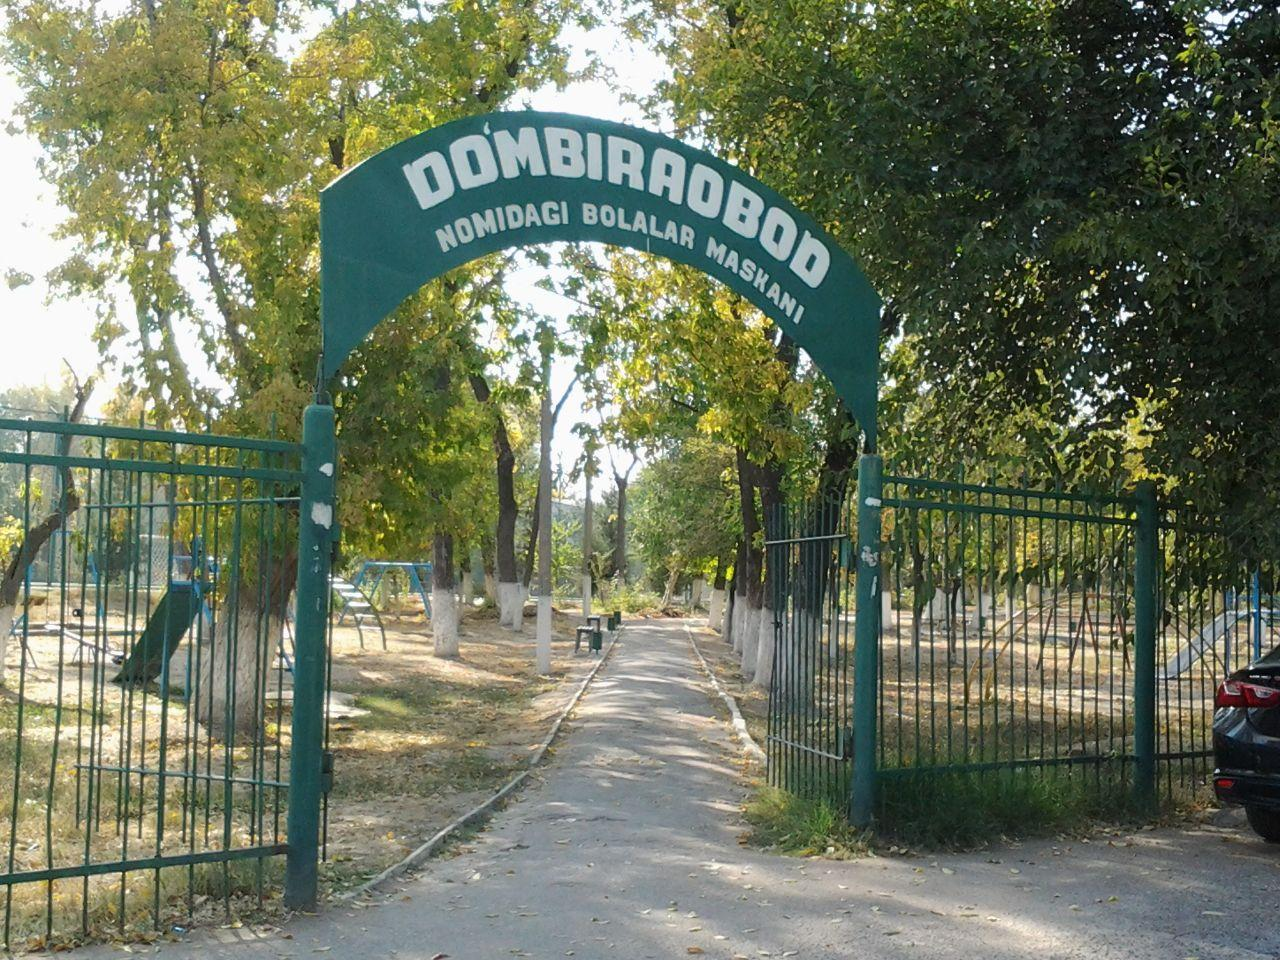 Домбрабад